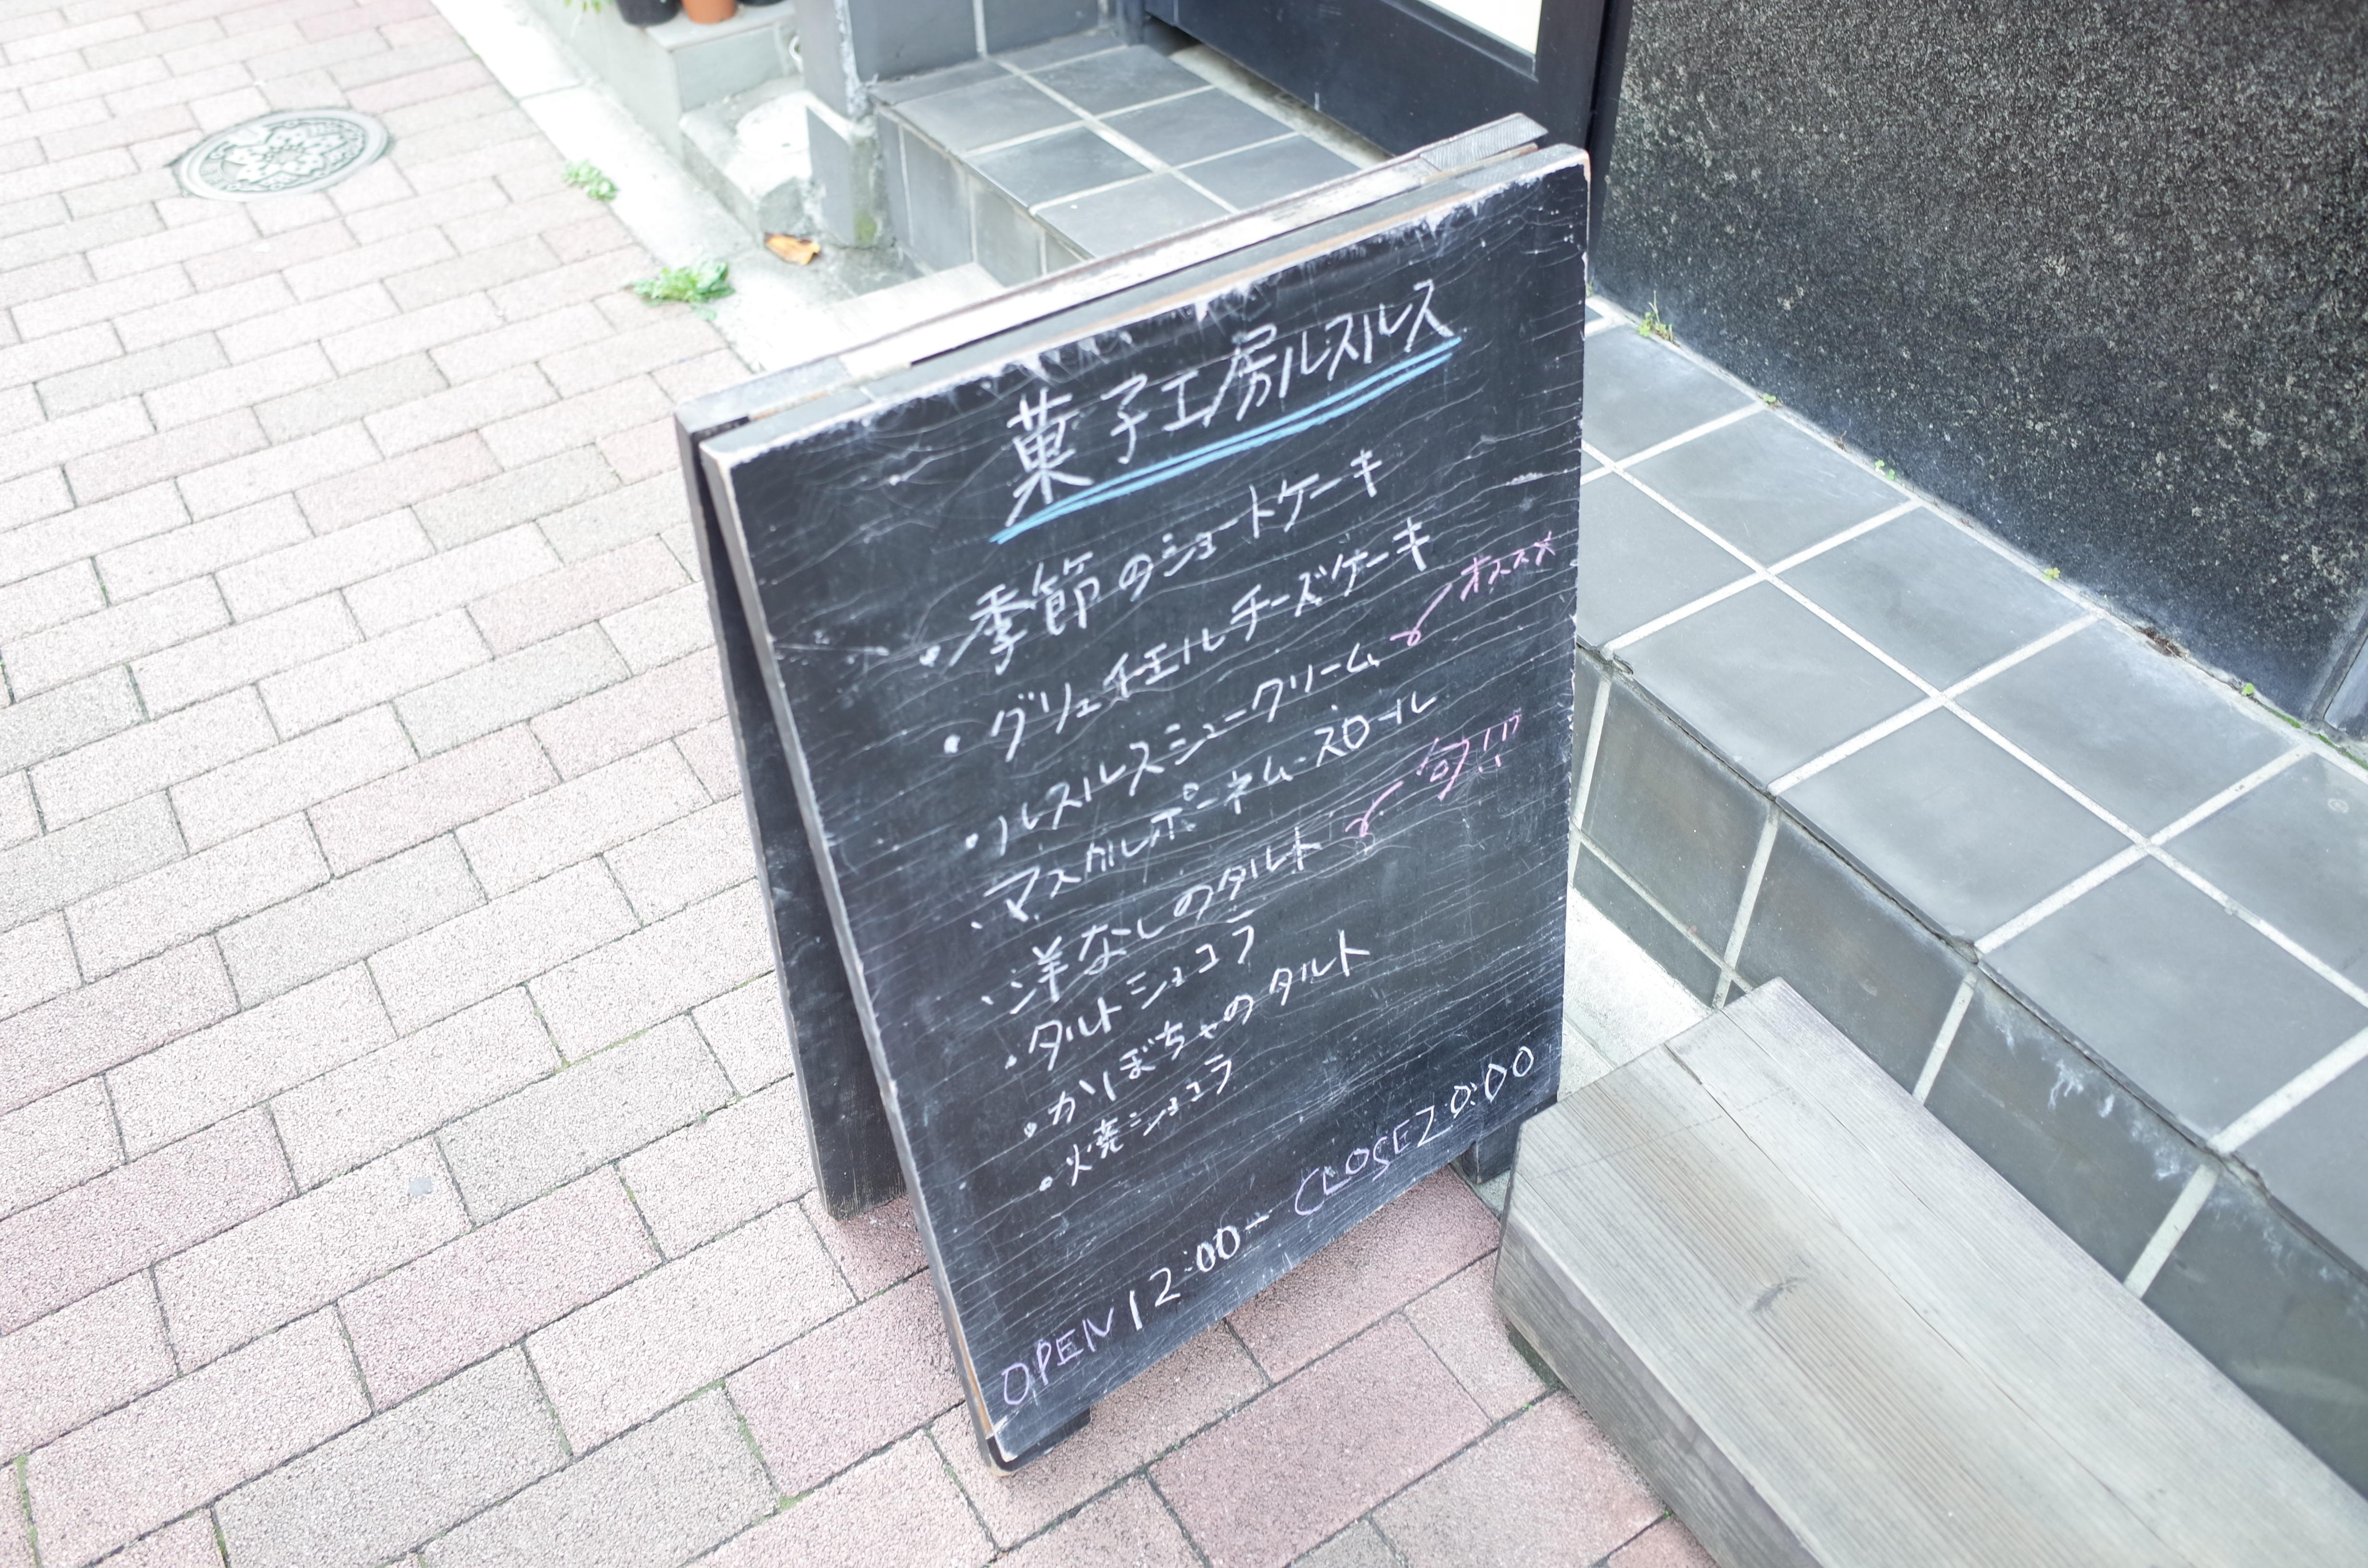 浅草 菓子工房ルスルス 結婚式の引菓子とプチギフトを依頼してみた!